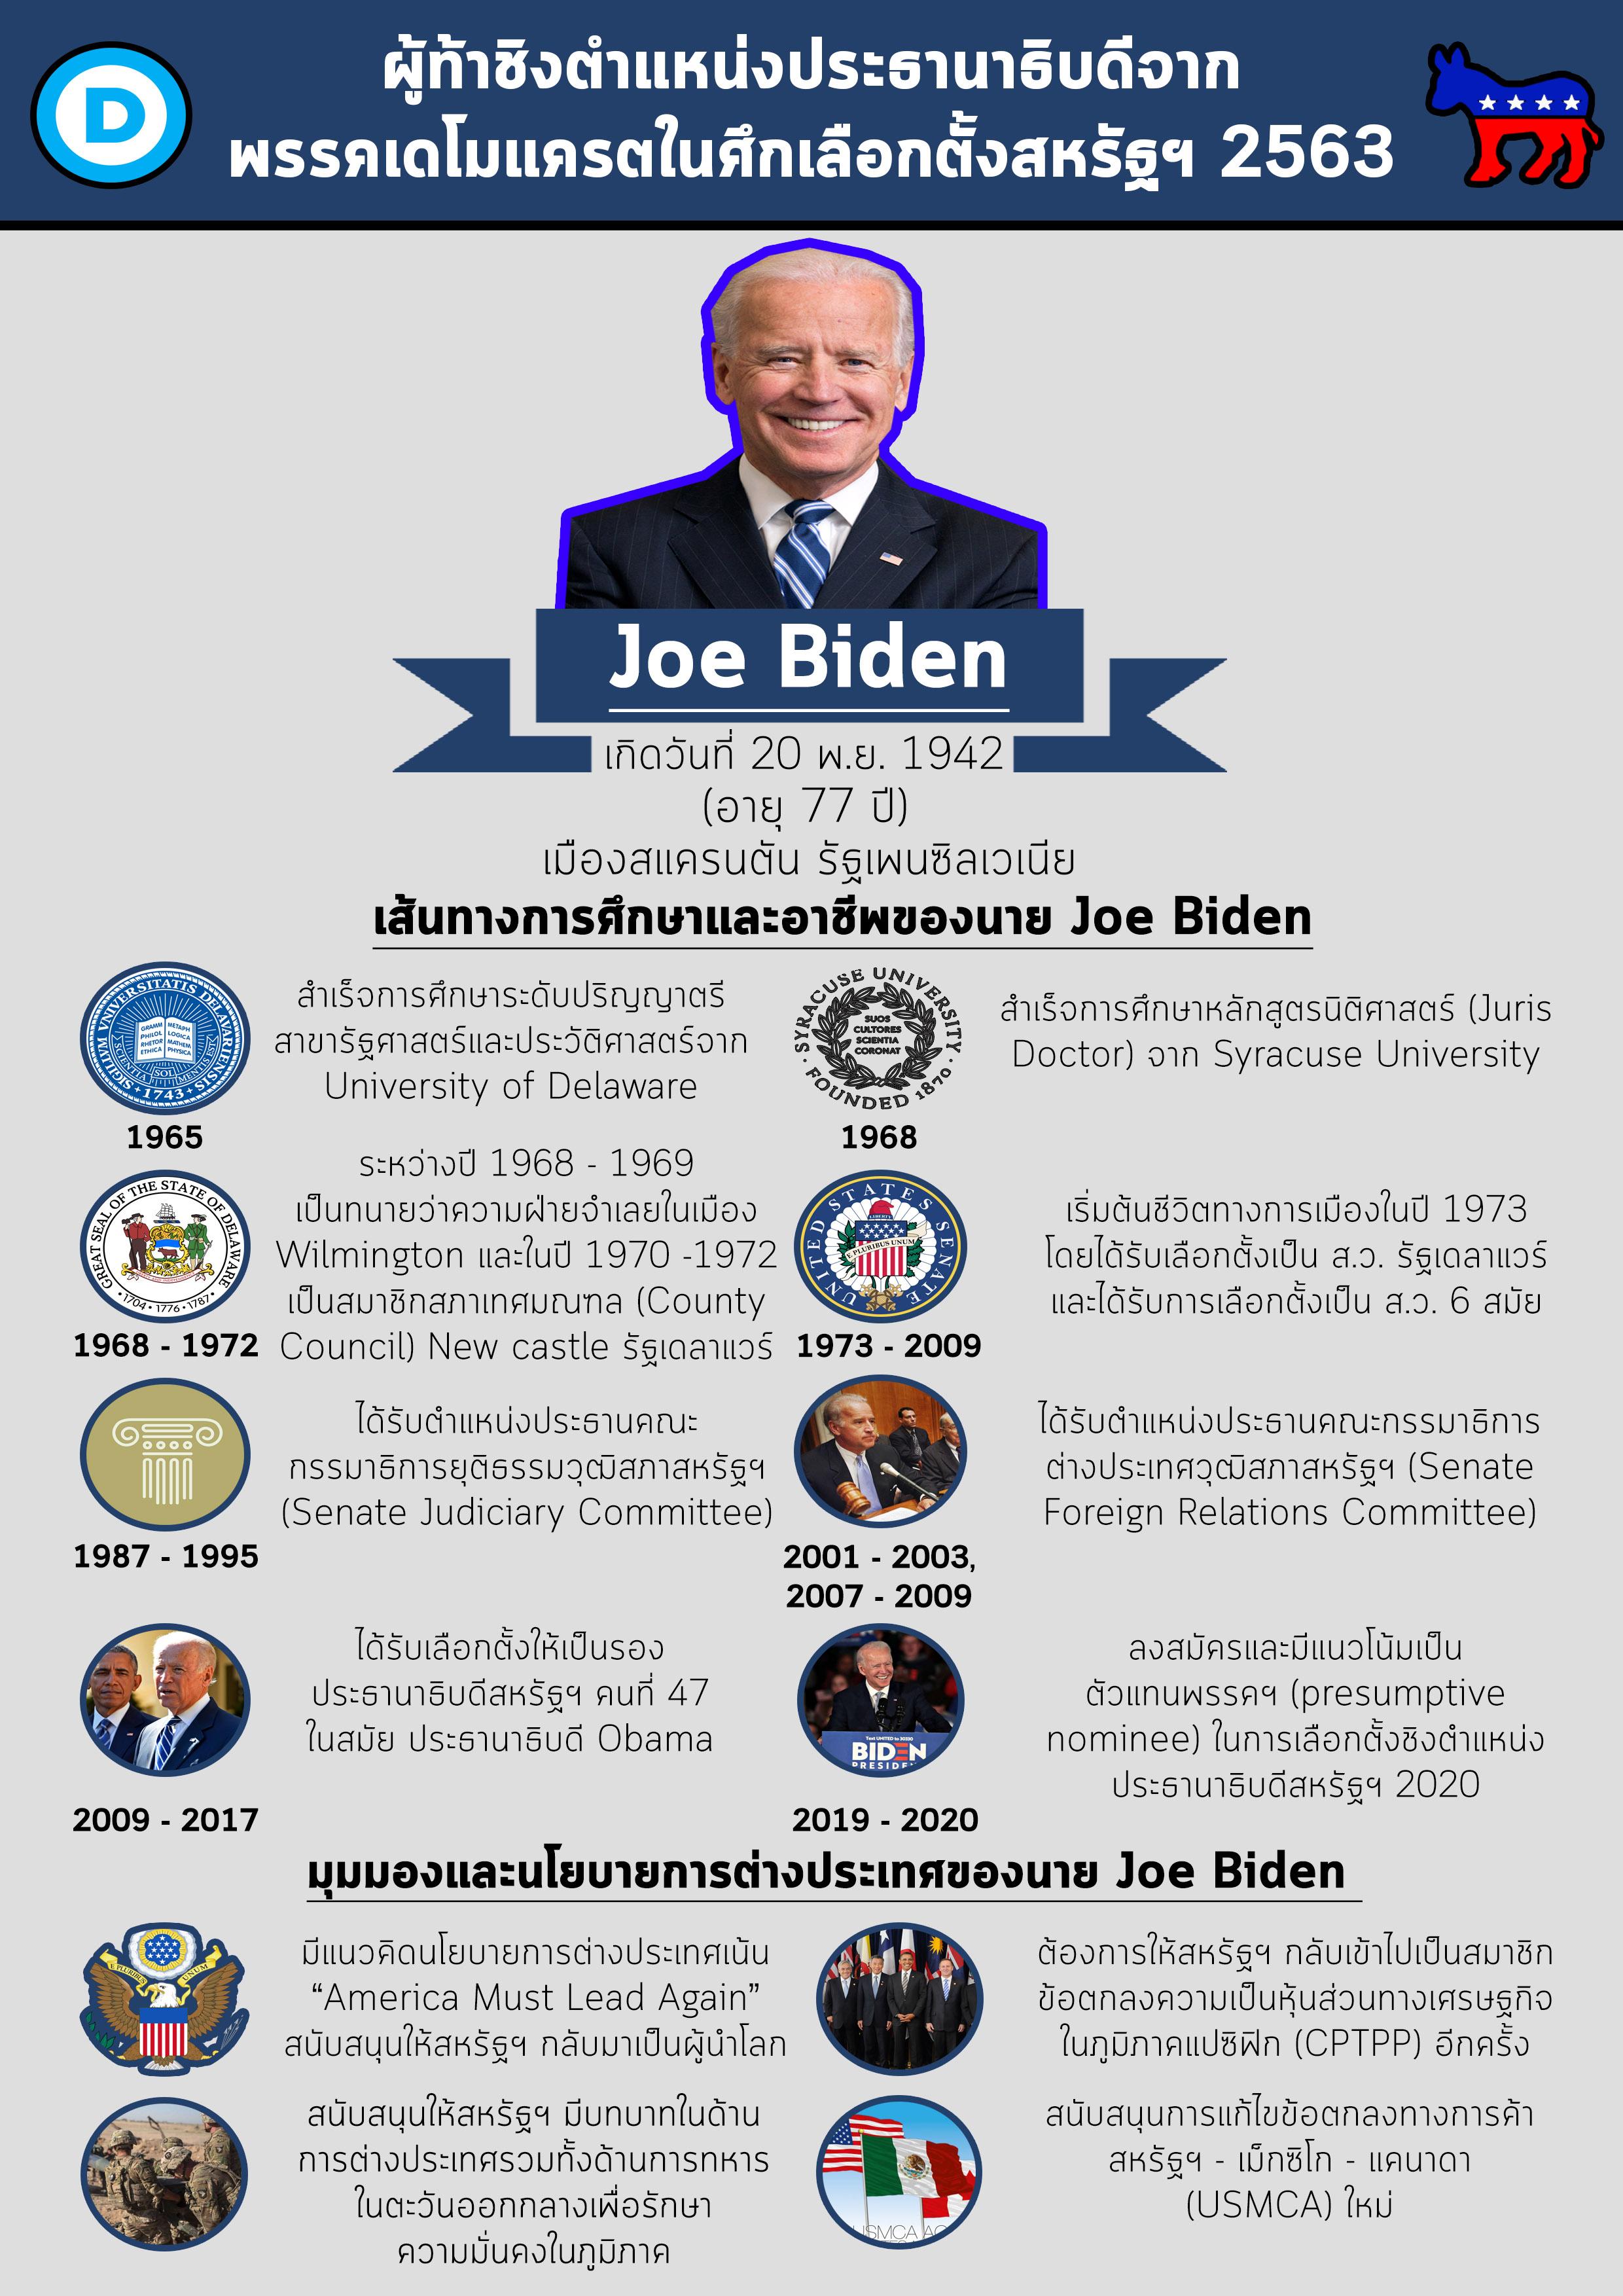 ประวัติ_Joe_Biden_(US_Presidential_Candidate)